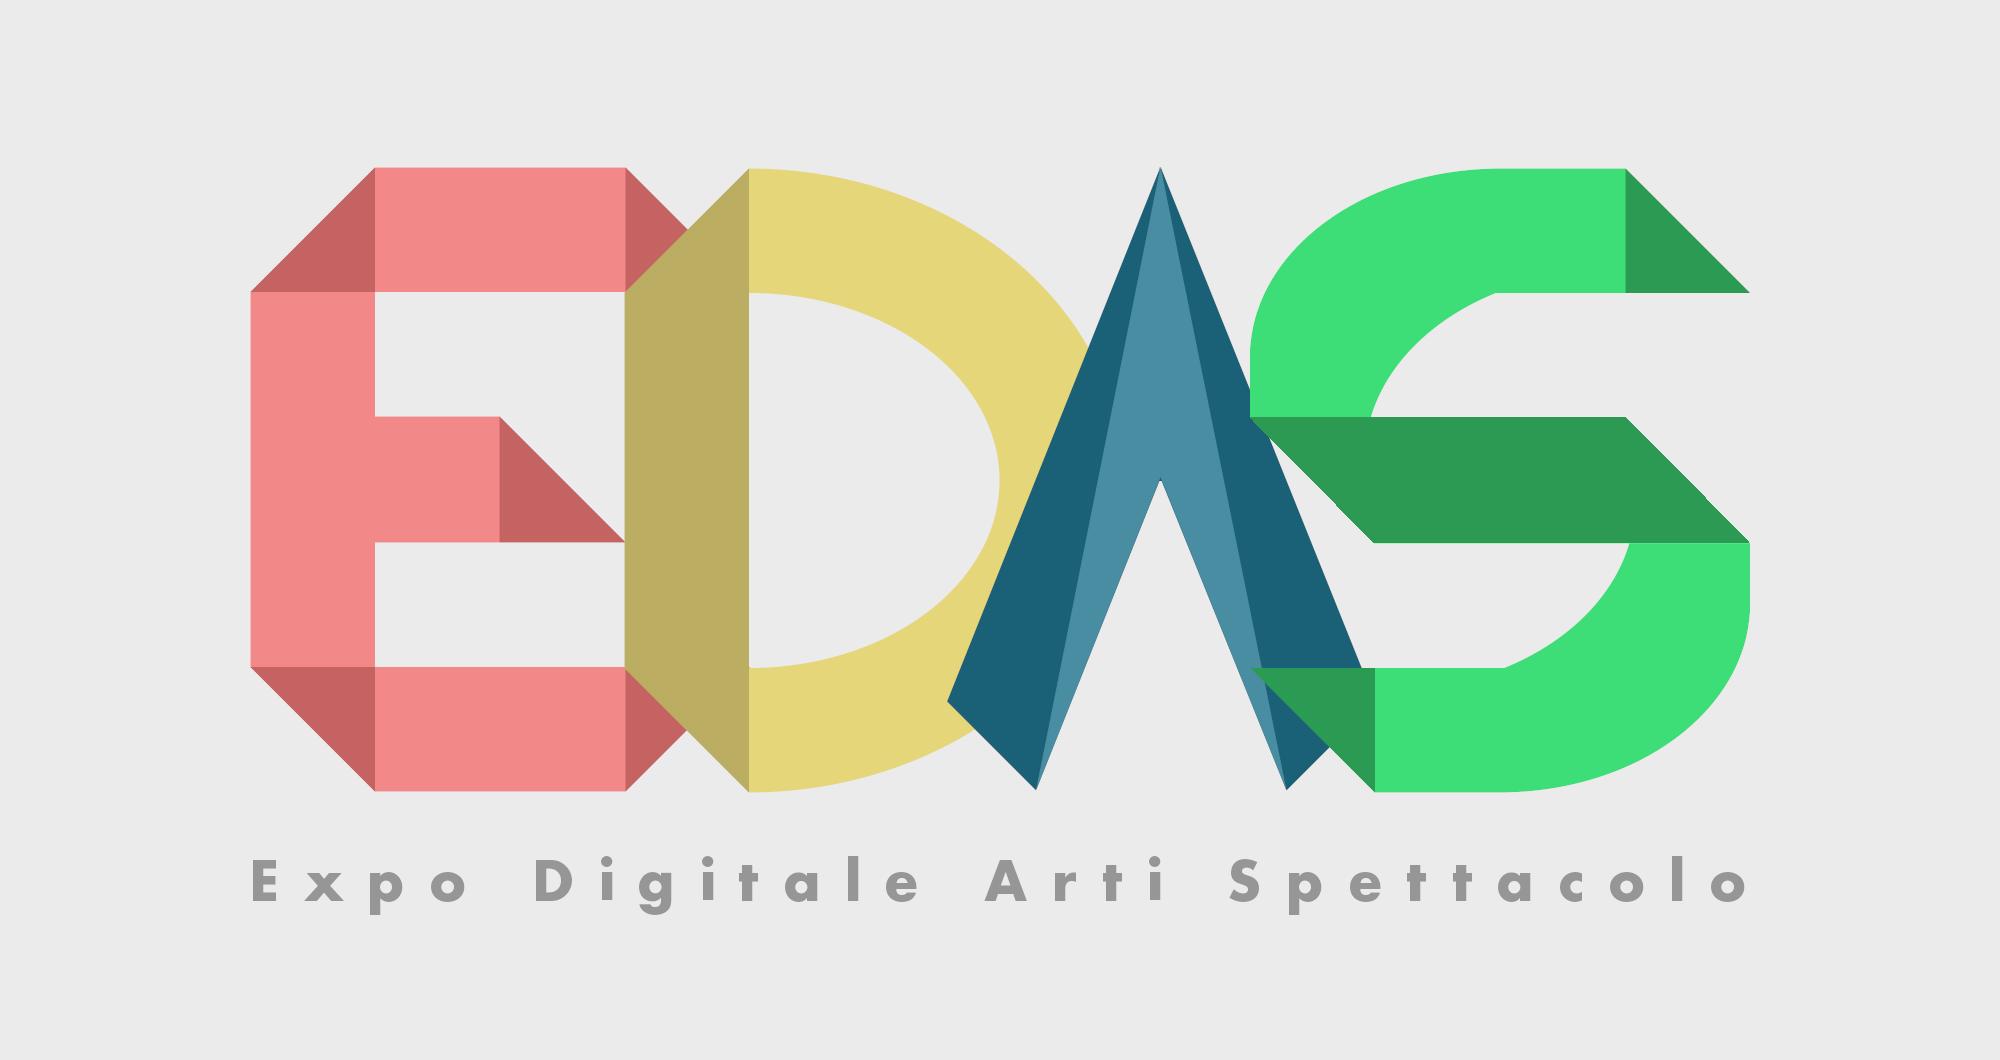 """Crisi dell'industria dello spettacolo, nasce il progetto E.D.A.S.: """"Unire strategie ed esperienze per cambiare in meglio il futuro"""""""